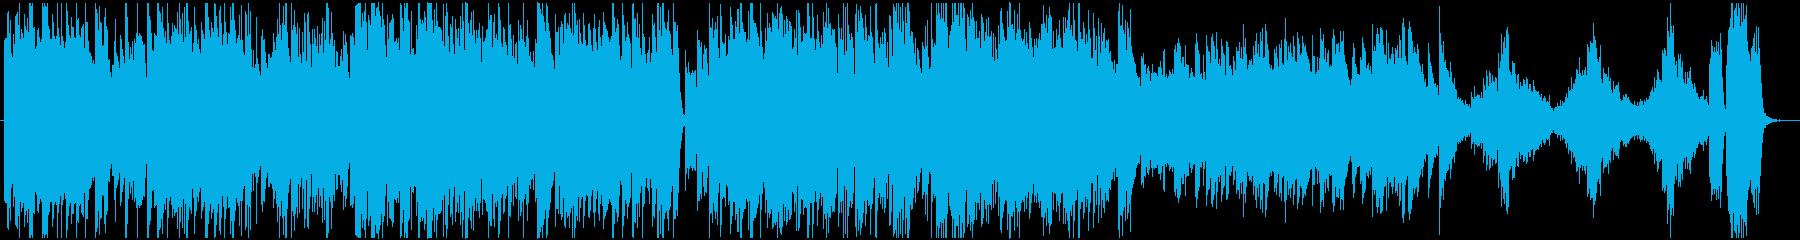 躍動感ある進行をするピアノデュオの再生済みの波形